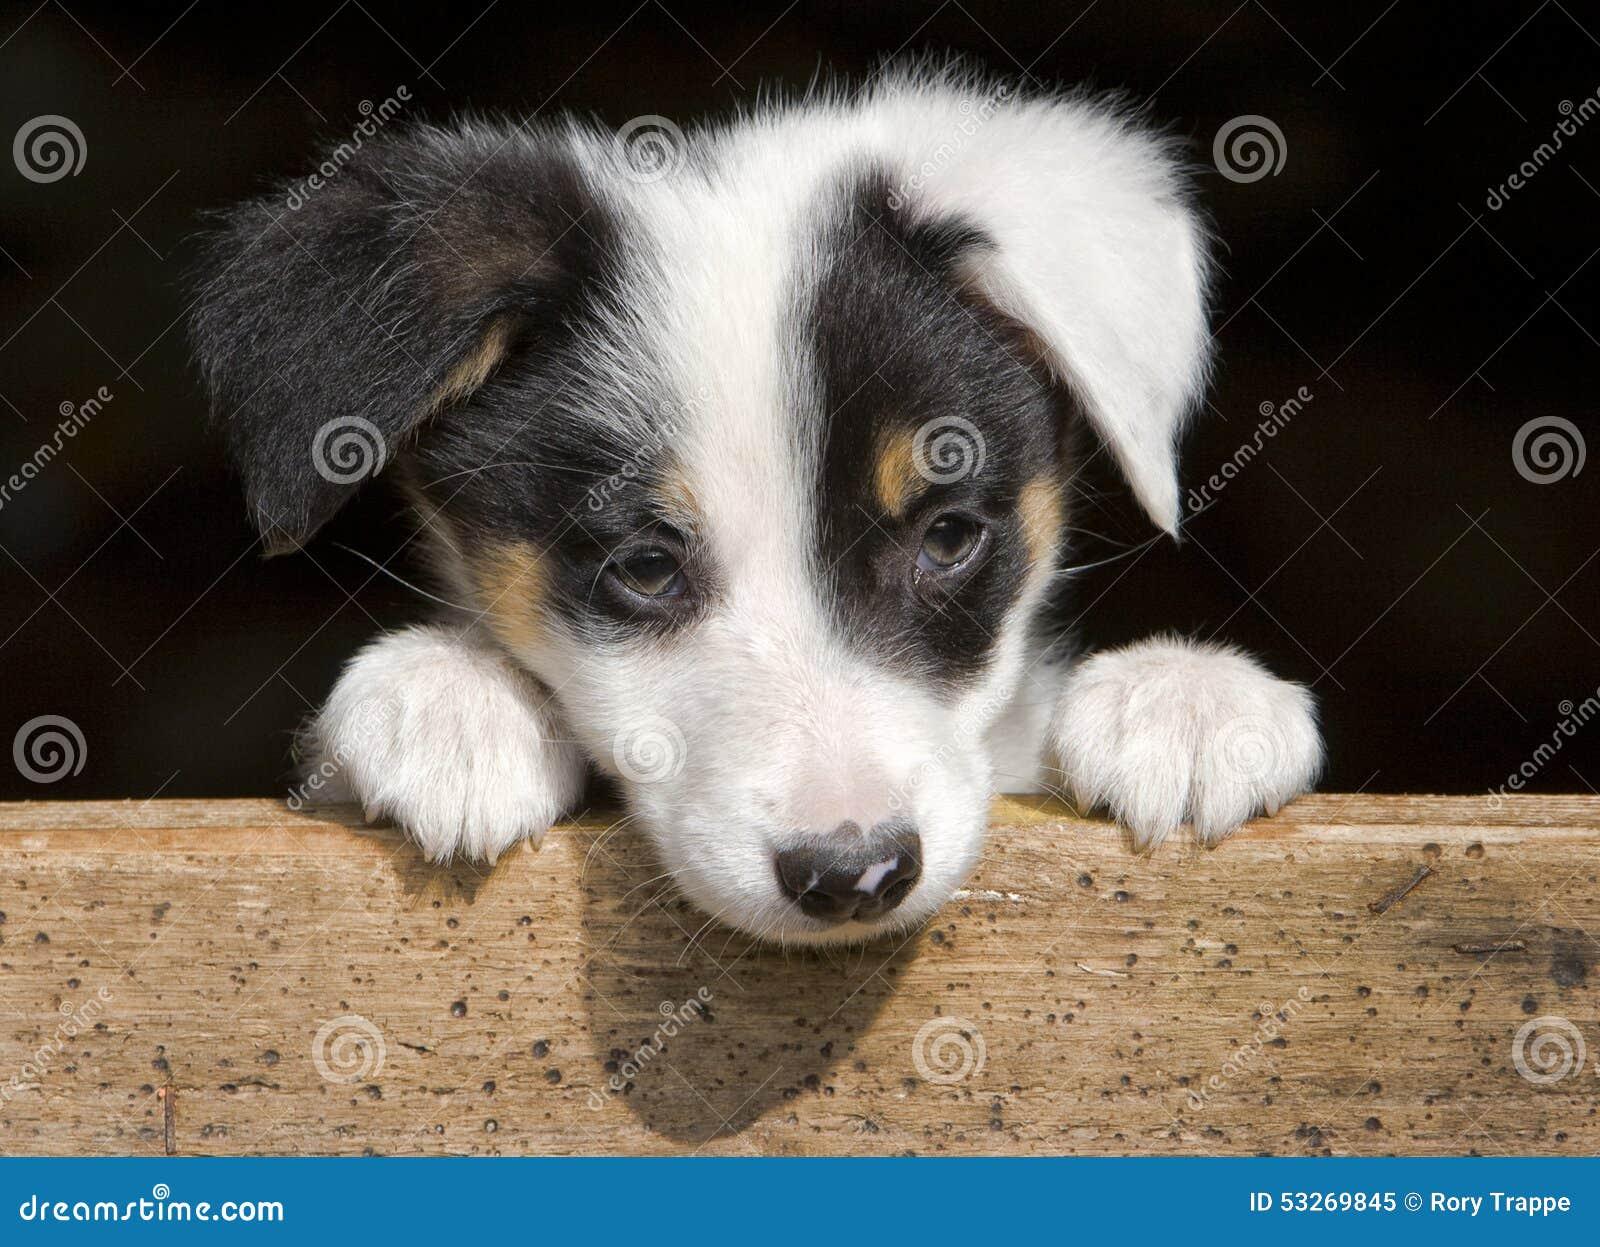 Cucciolo del cane da pastore